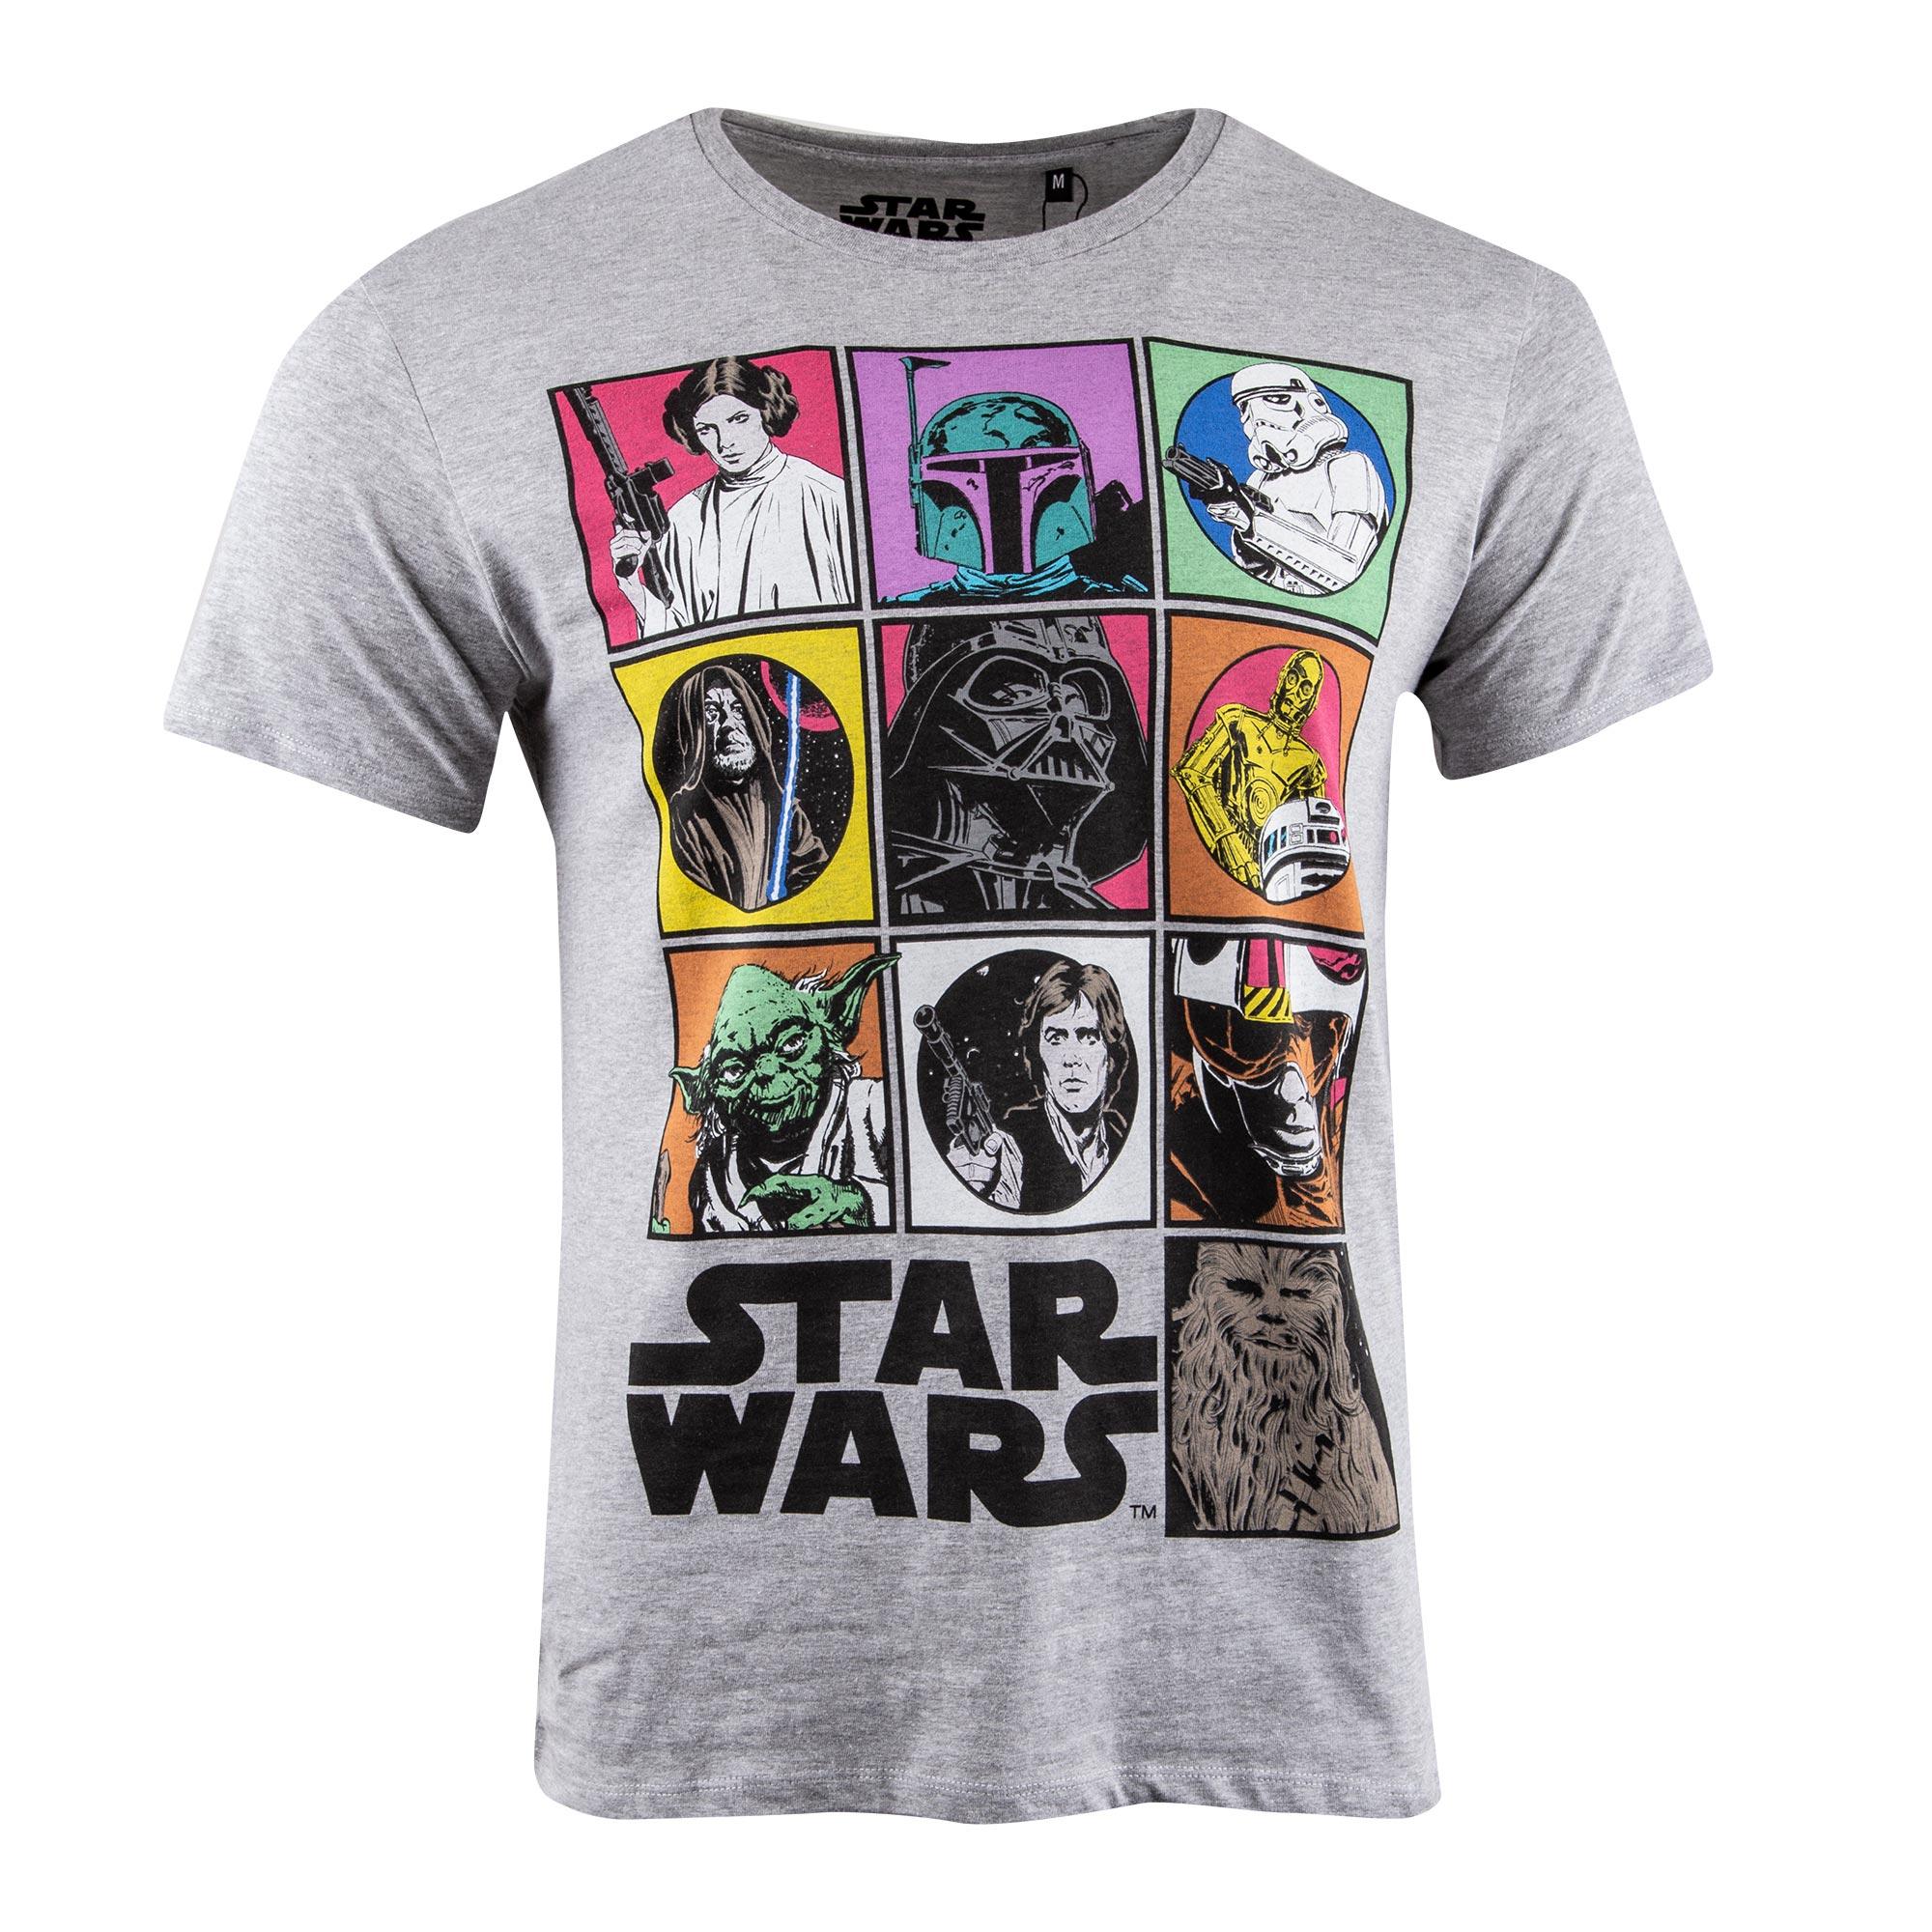 Tee shirt Star Wars Comics Homme MARVEL à prix dégriffé